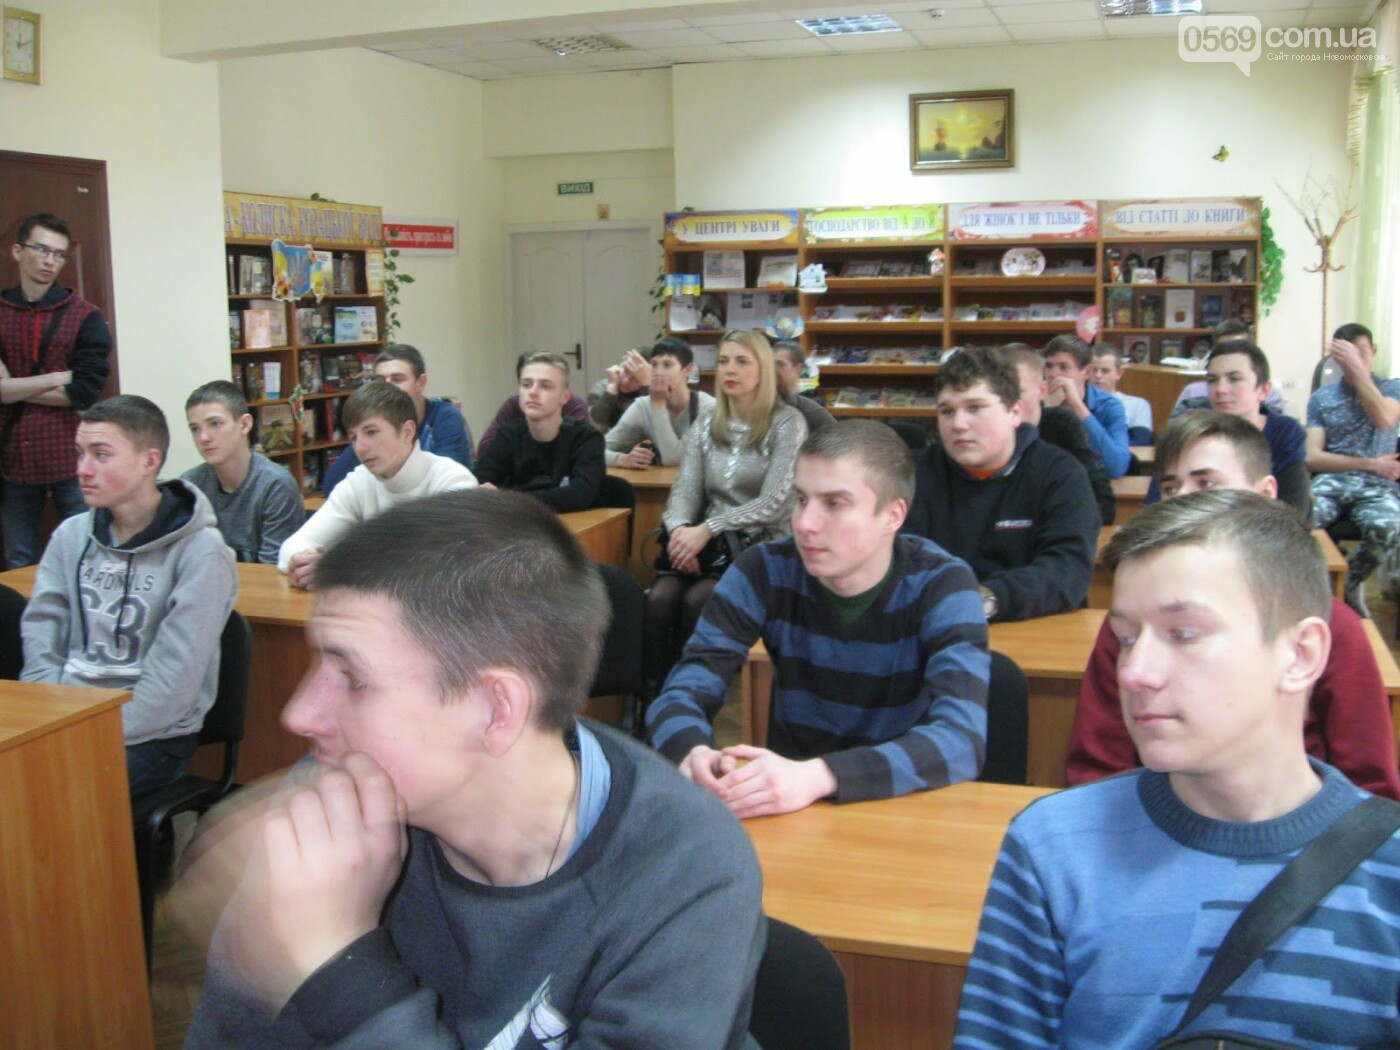 Новомосковські студенти стали учасниками мовної мозаїки, фото-2